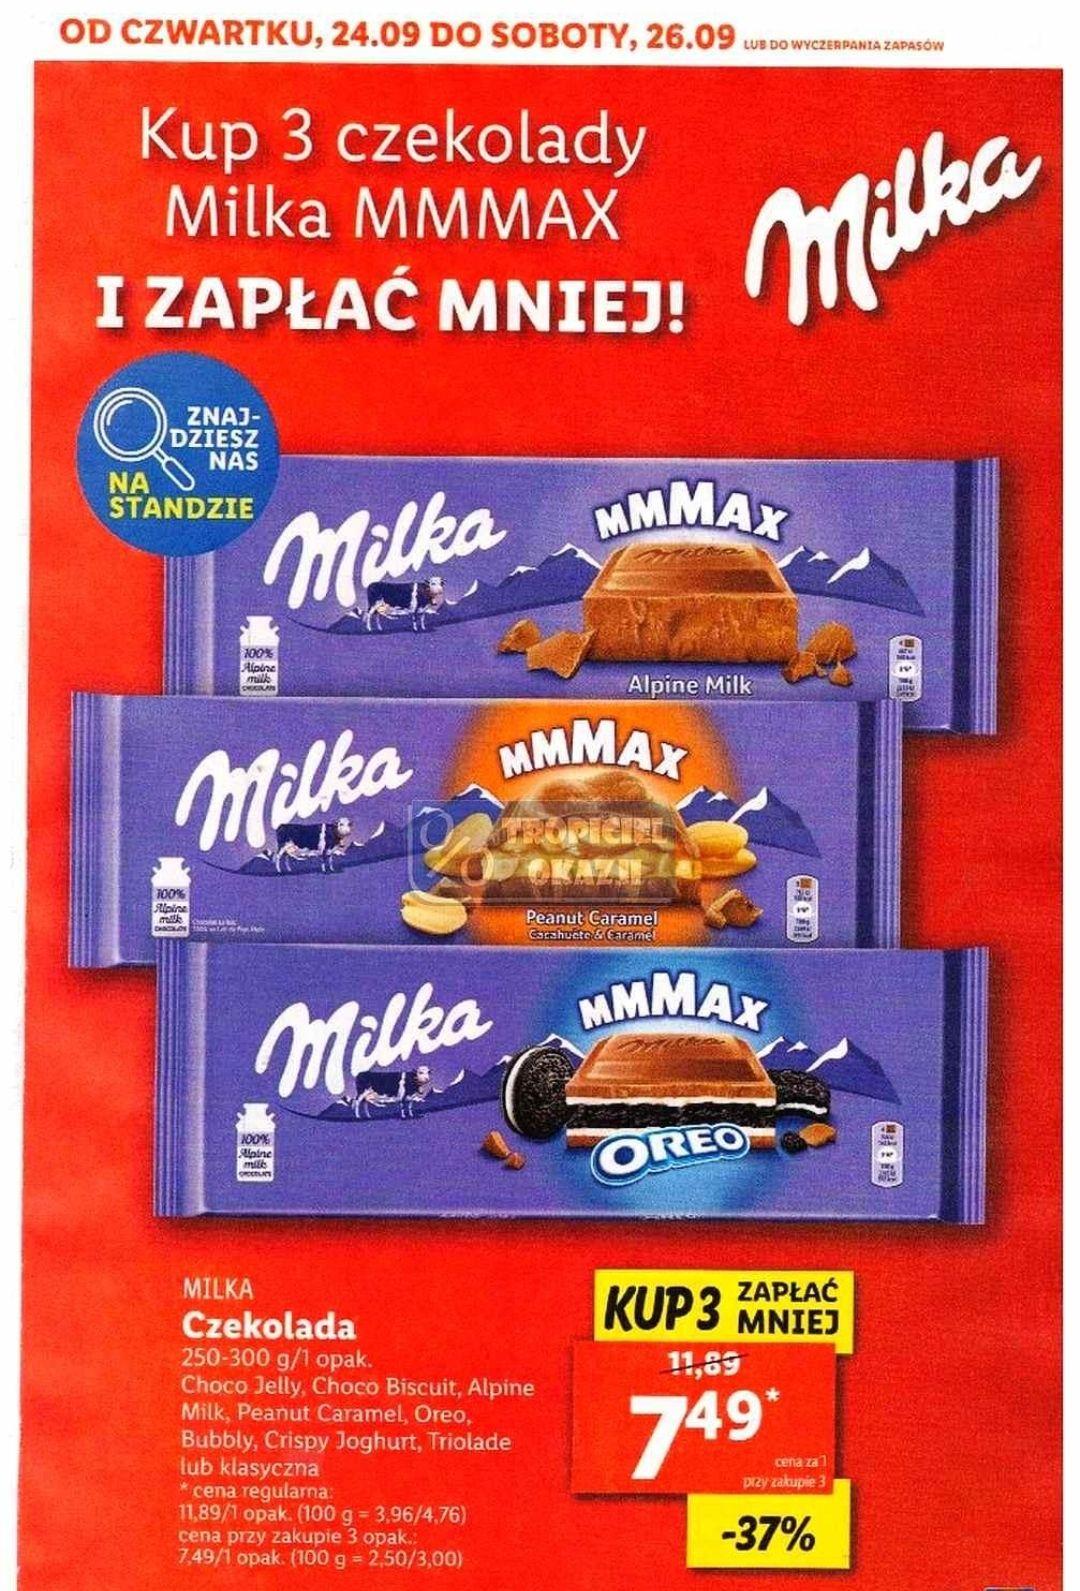 Kup 3 czekolady Milka i zapłać 7.49zł/szt - Lidl